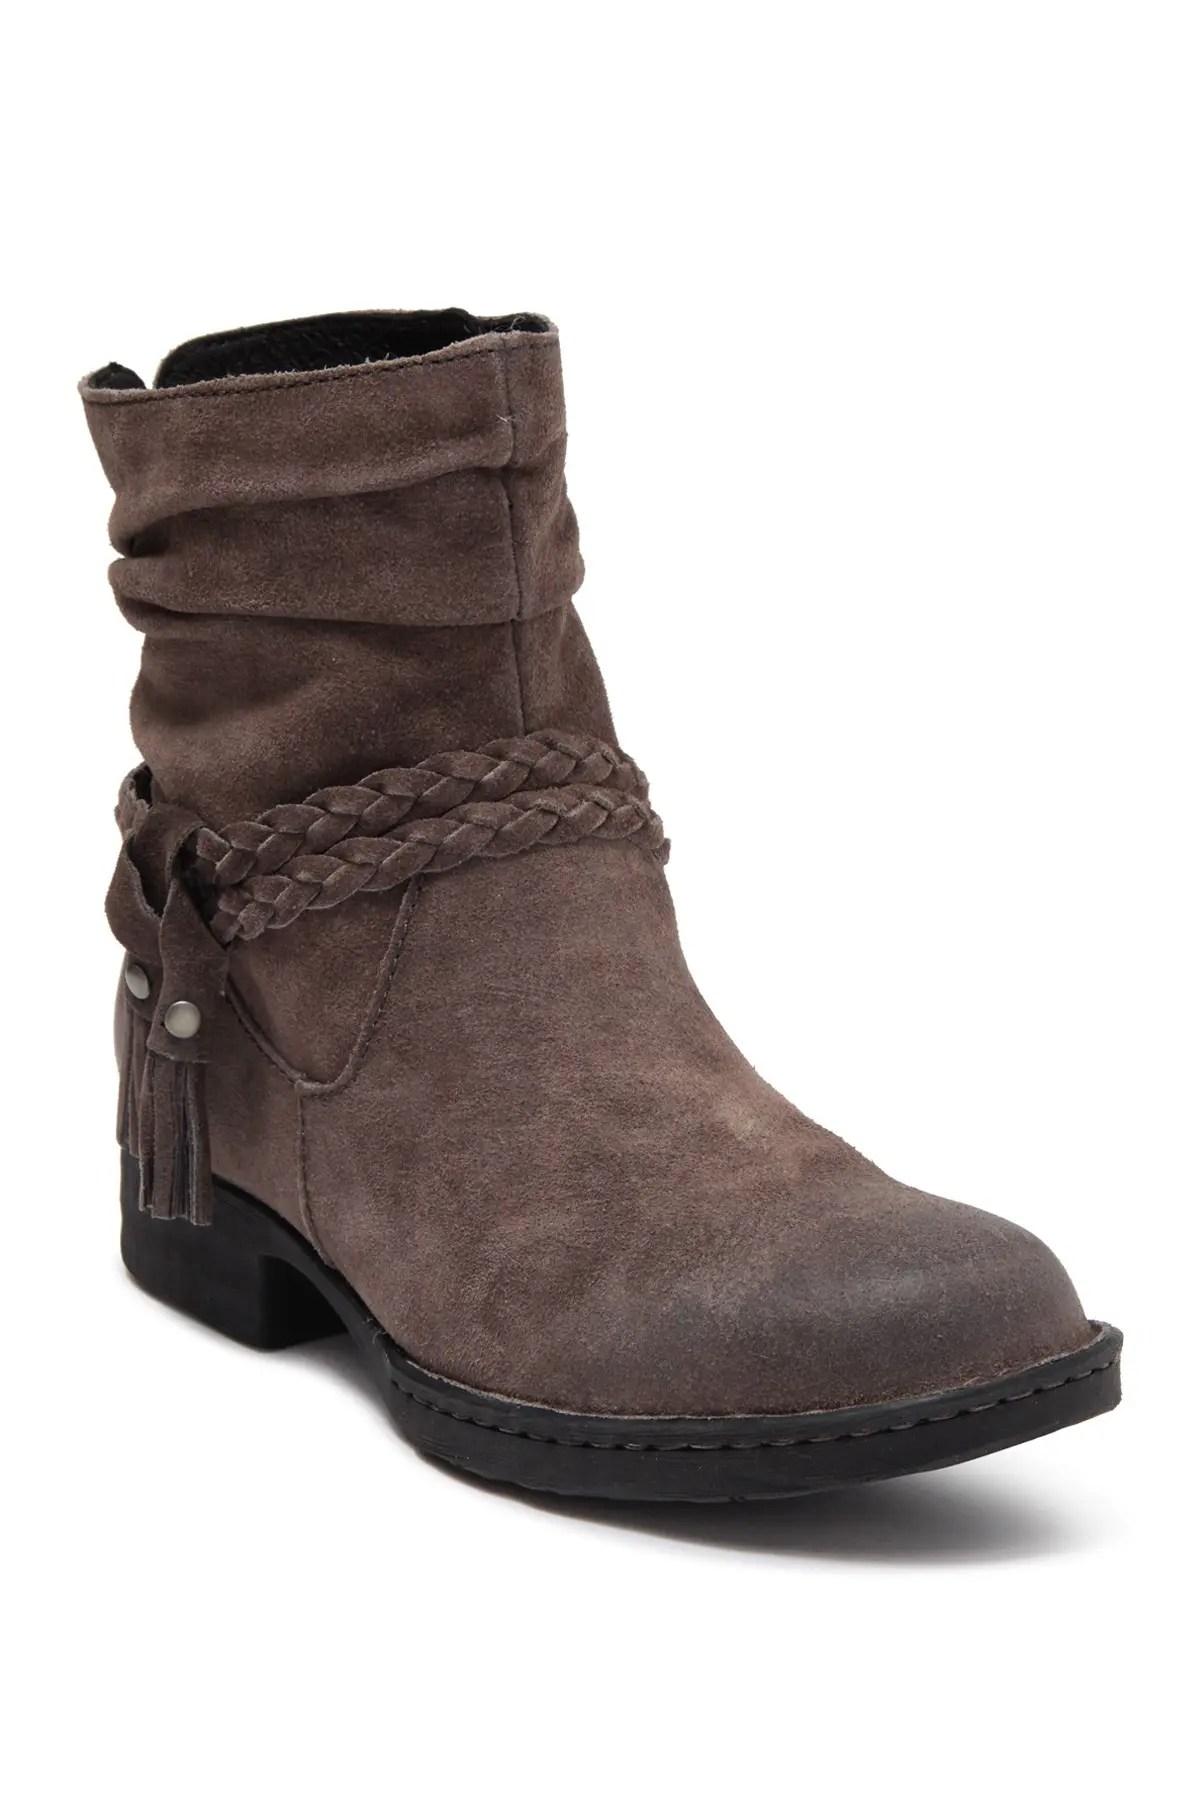 born ouvea boots online